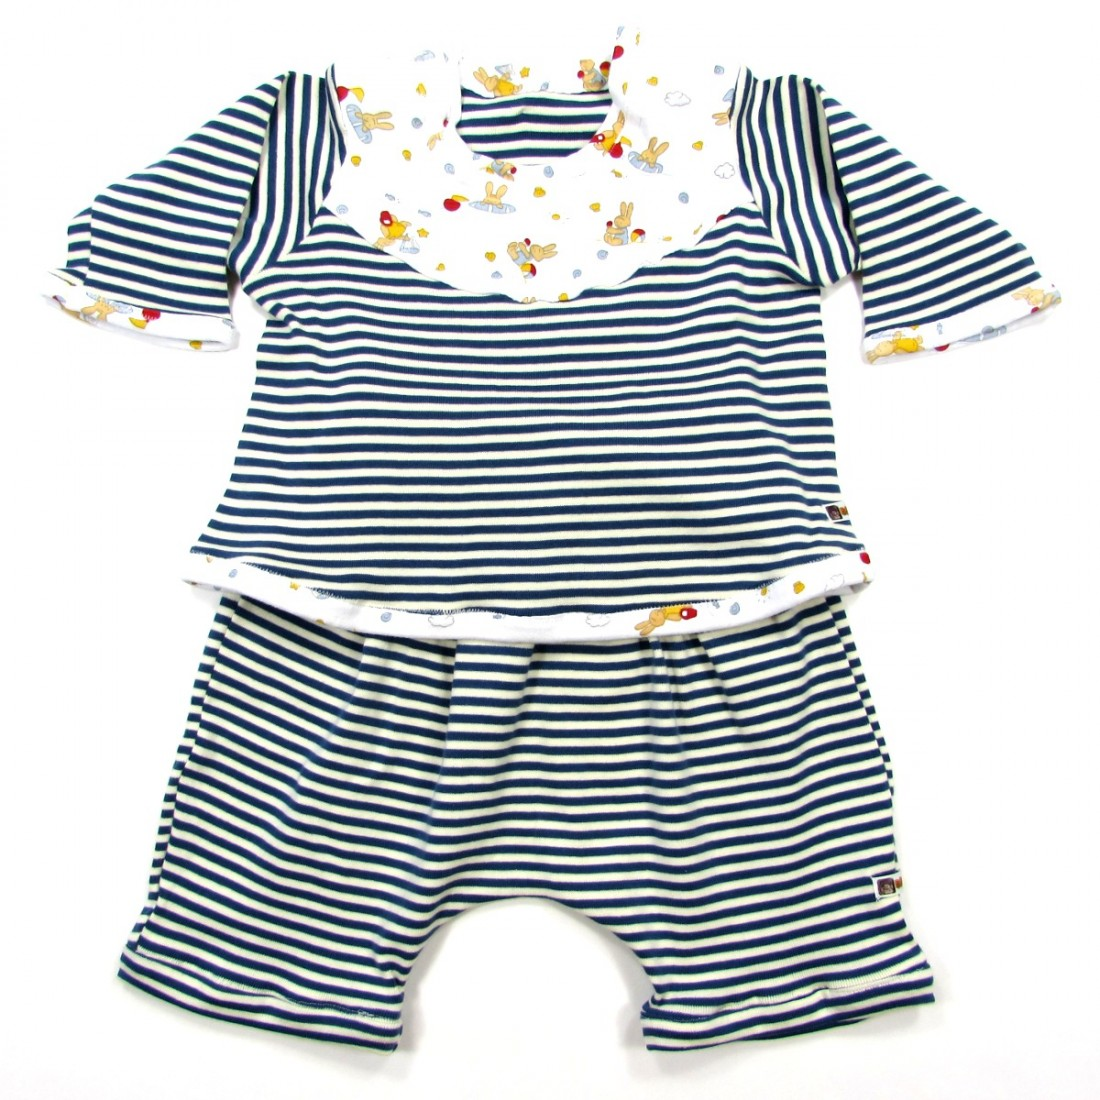 368f0ce141f24 Vêtement bébé garçon original en maille rayée naturel et bleu 1 mois